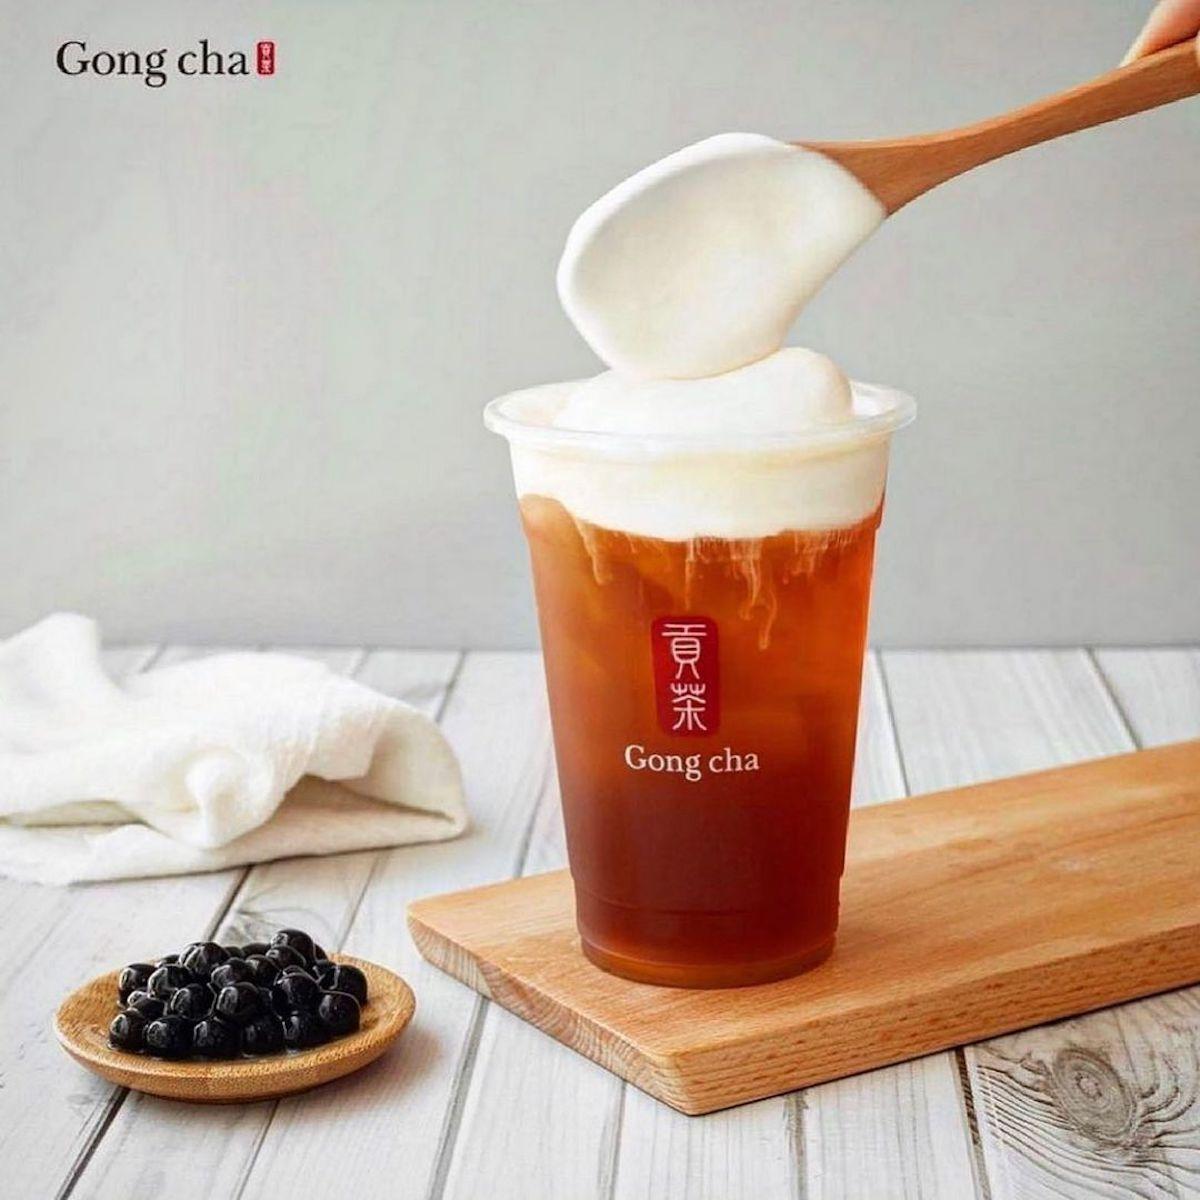 La région de Chicago verra la première entreprise américaine Gong Cha et en savoir plus sur le rapport d'information hebdomadaire de What Now Media Group sur la pré-ouverture des restaurants